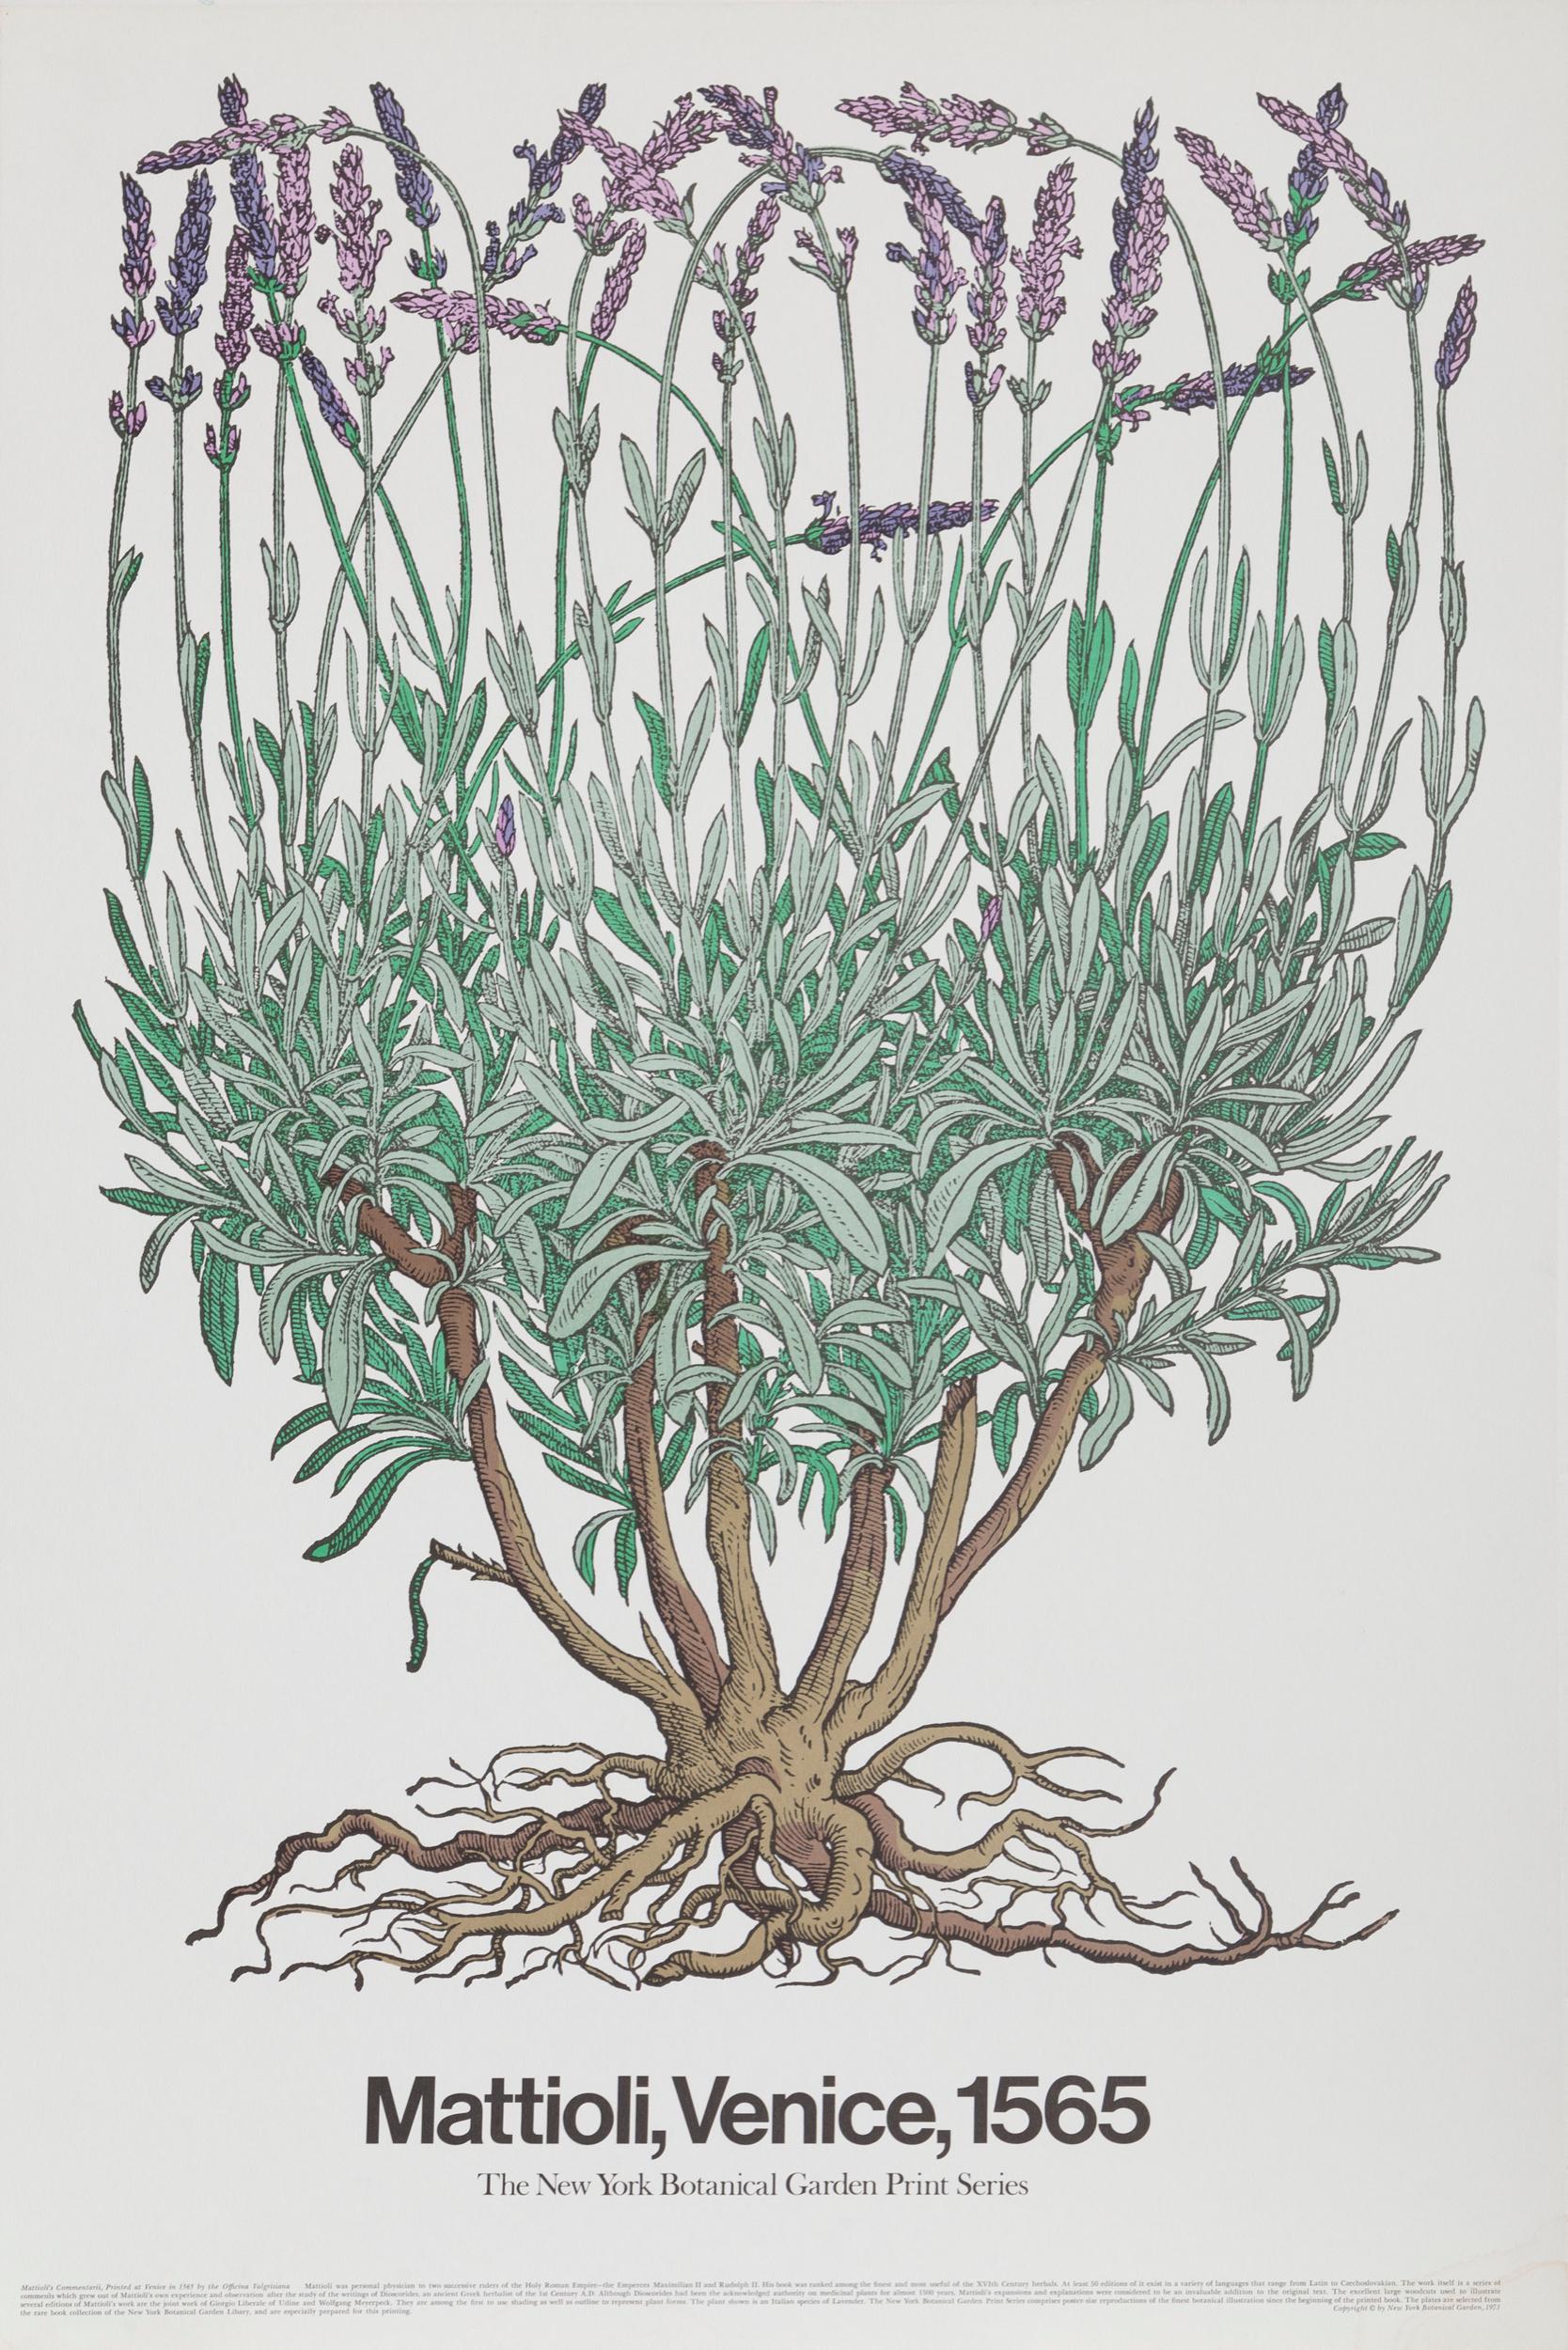 Piero Andrea Mattioli, Mattioli's Commentarii - New York Botanial Print, Poster on board